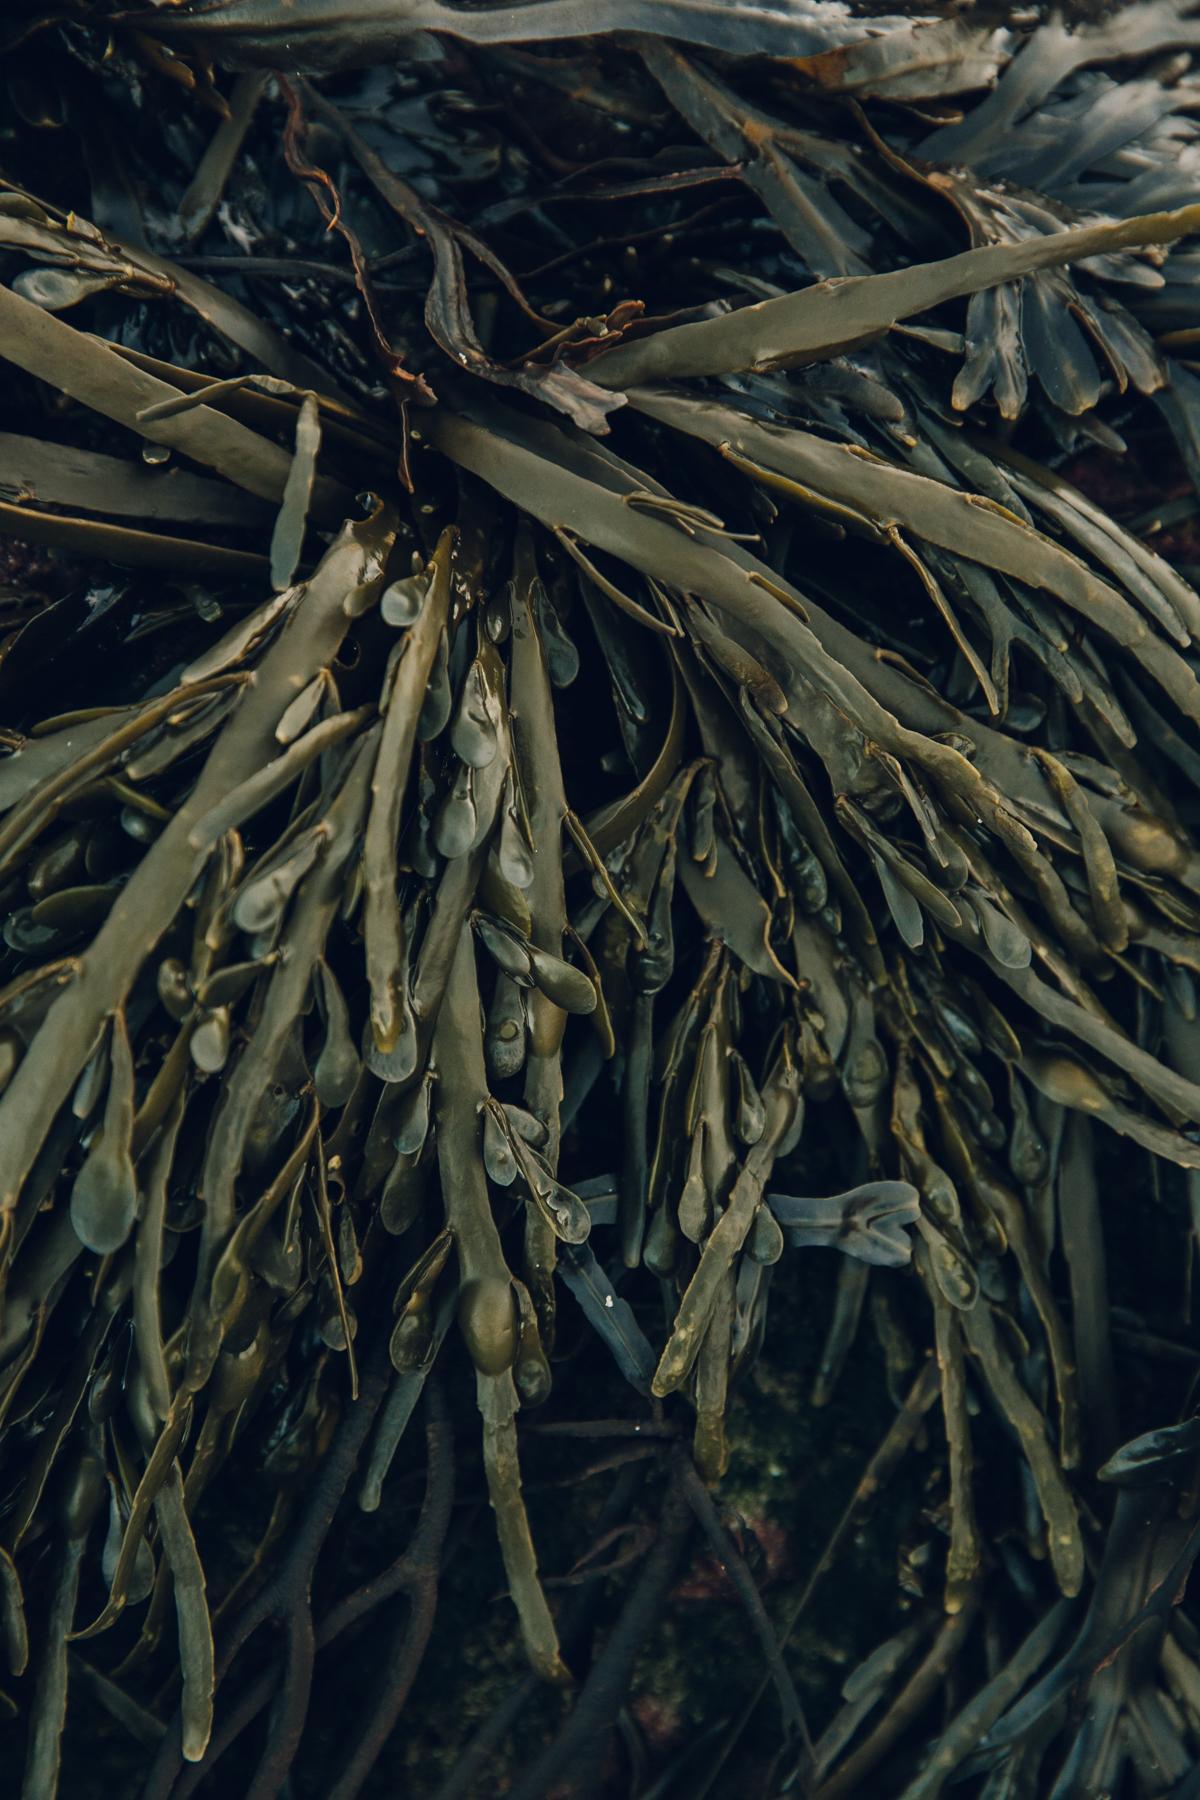 Texture in seaweed.